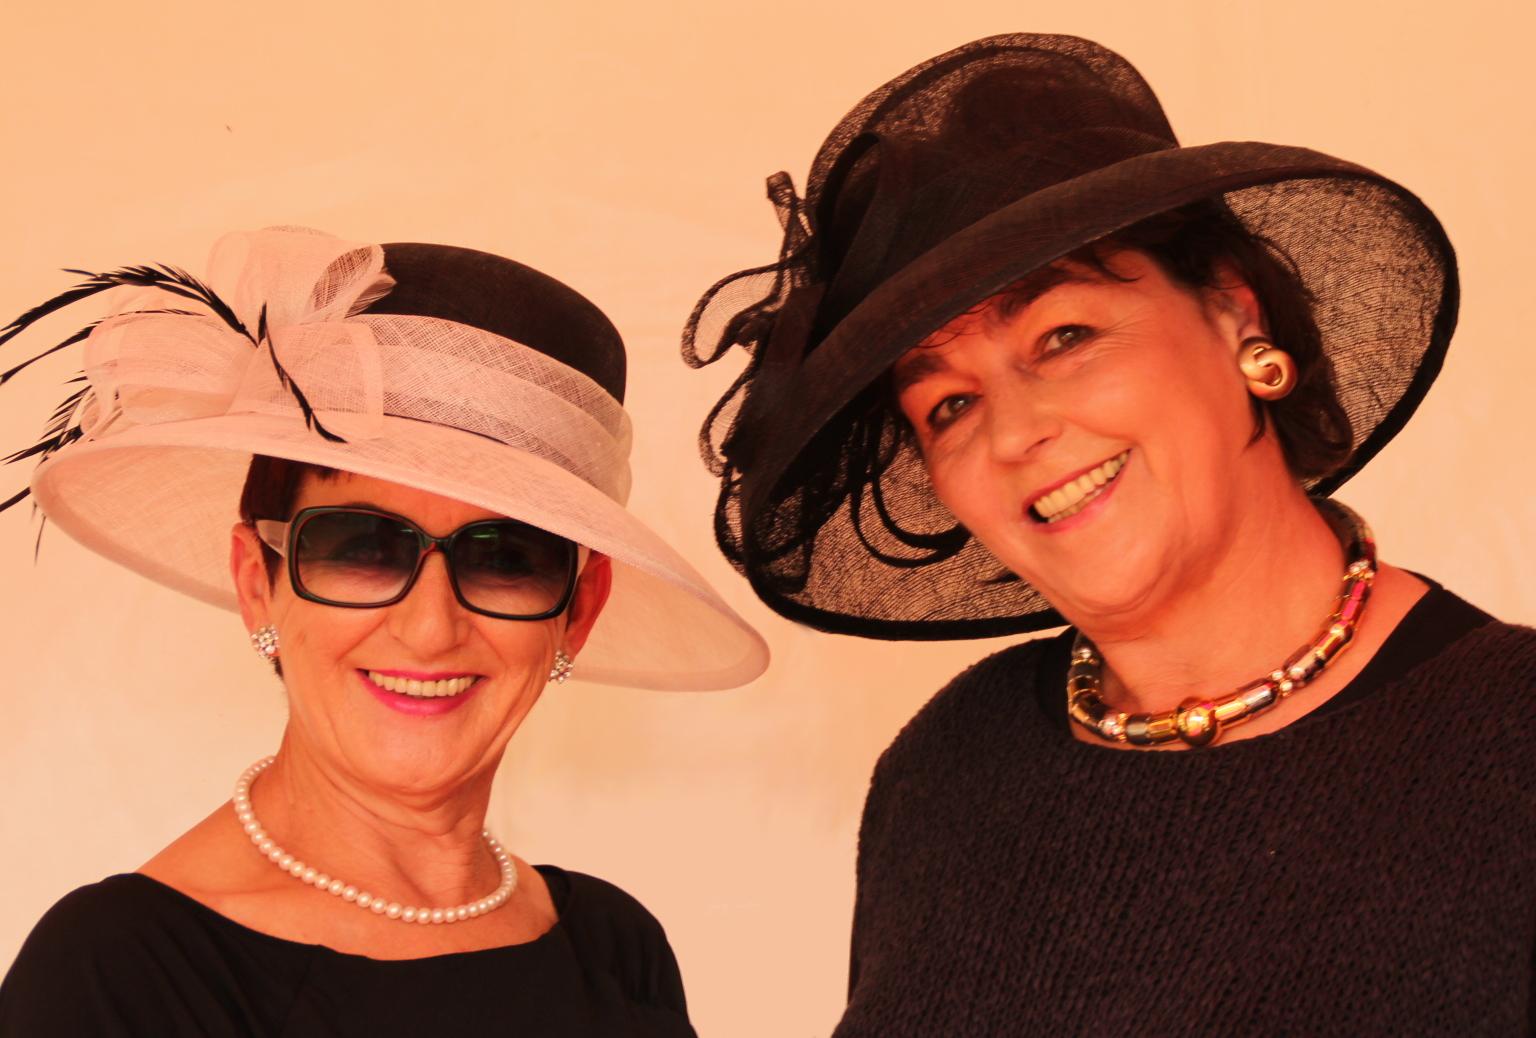 Damen mit Hut